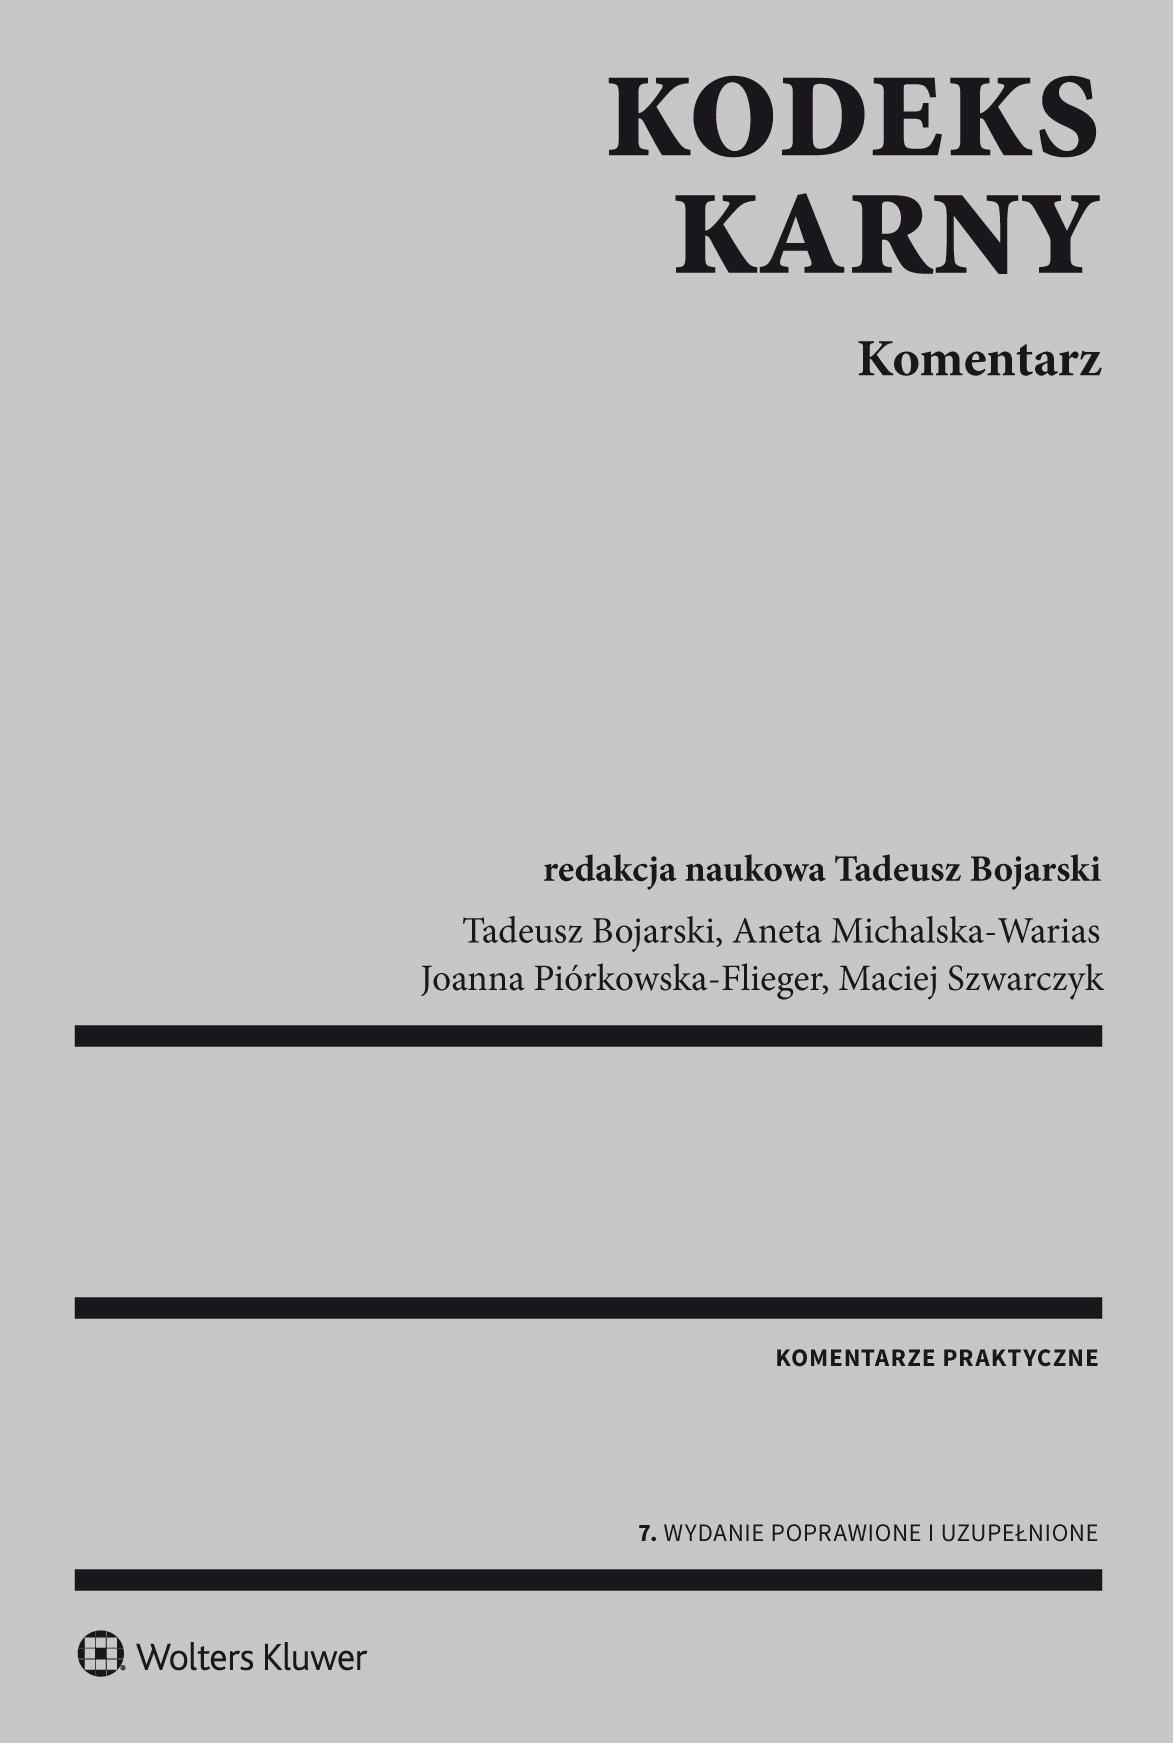 Kodeks karny. Komentarz - Ebook (Książka PDF) do pobrania w formacie PDF